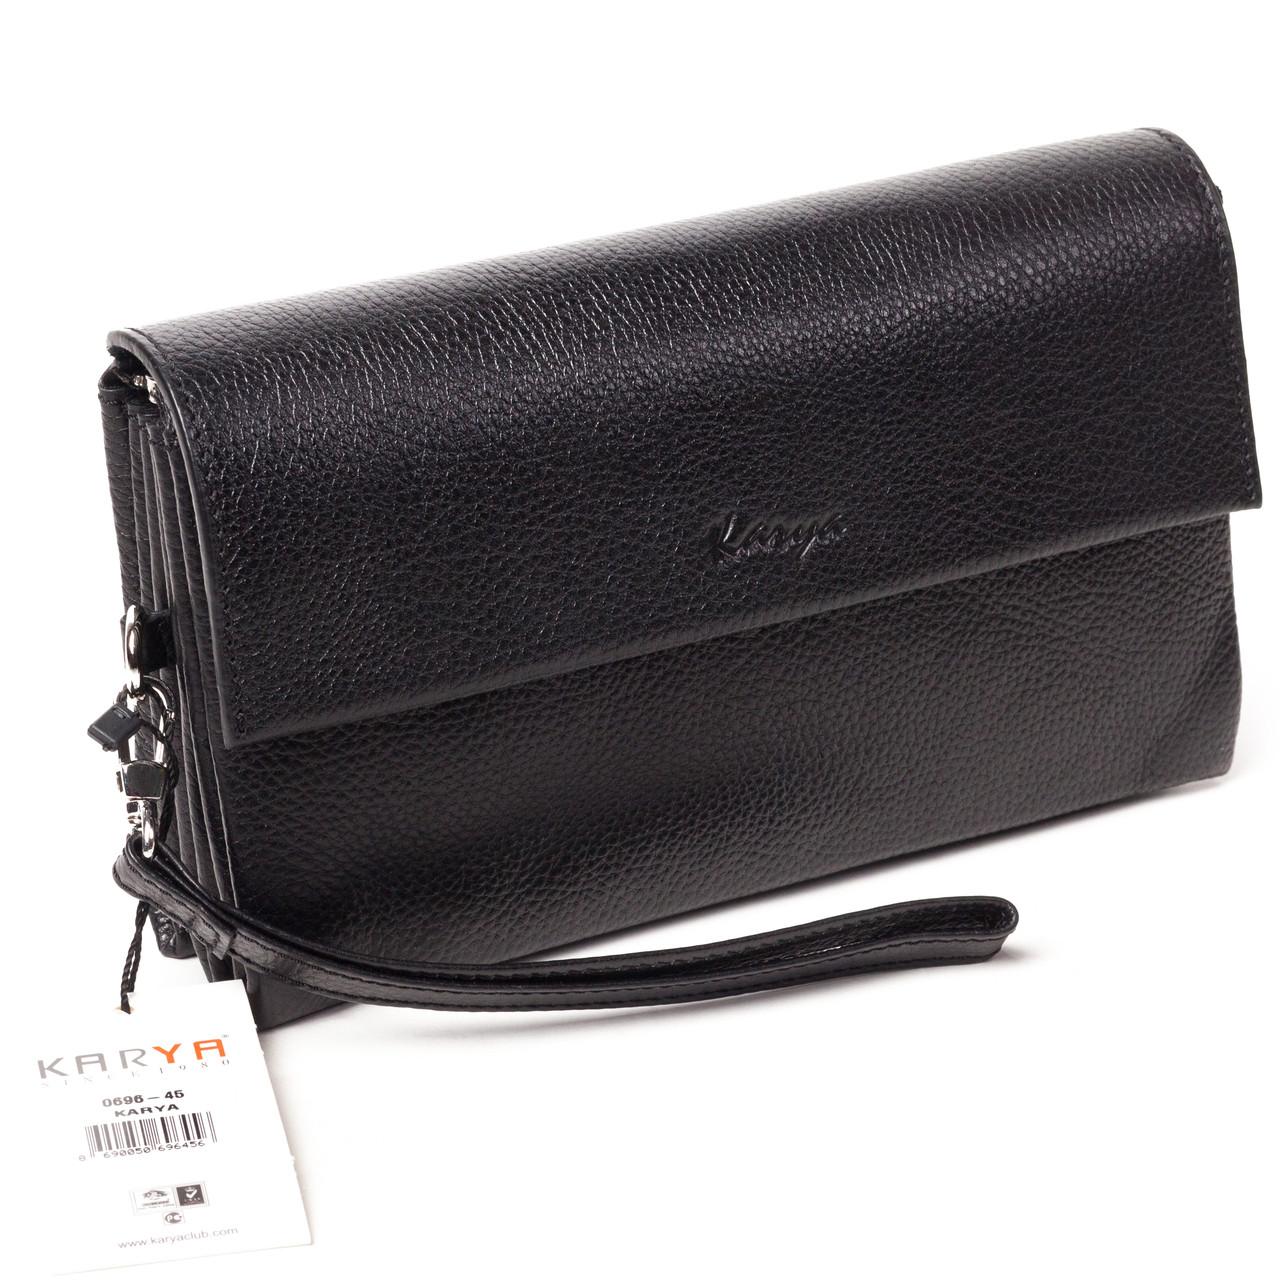 Мужская сумка барсетка кожаная чёрная Karya 0696-45